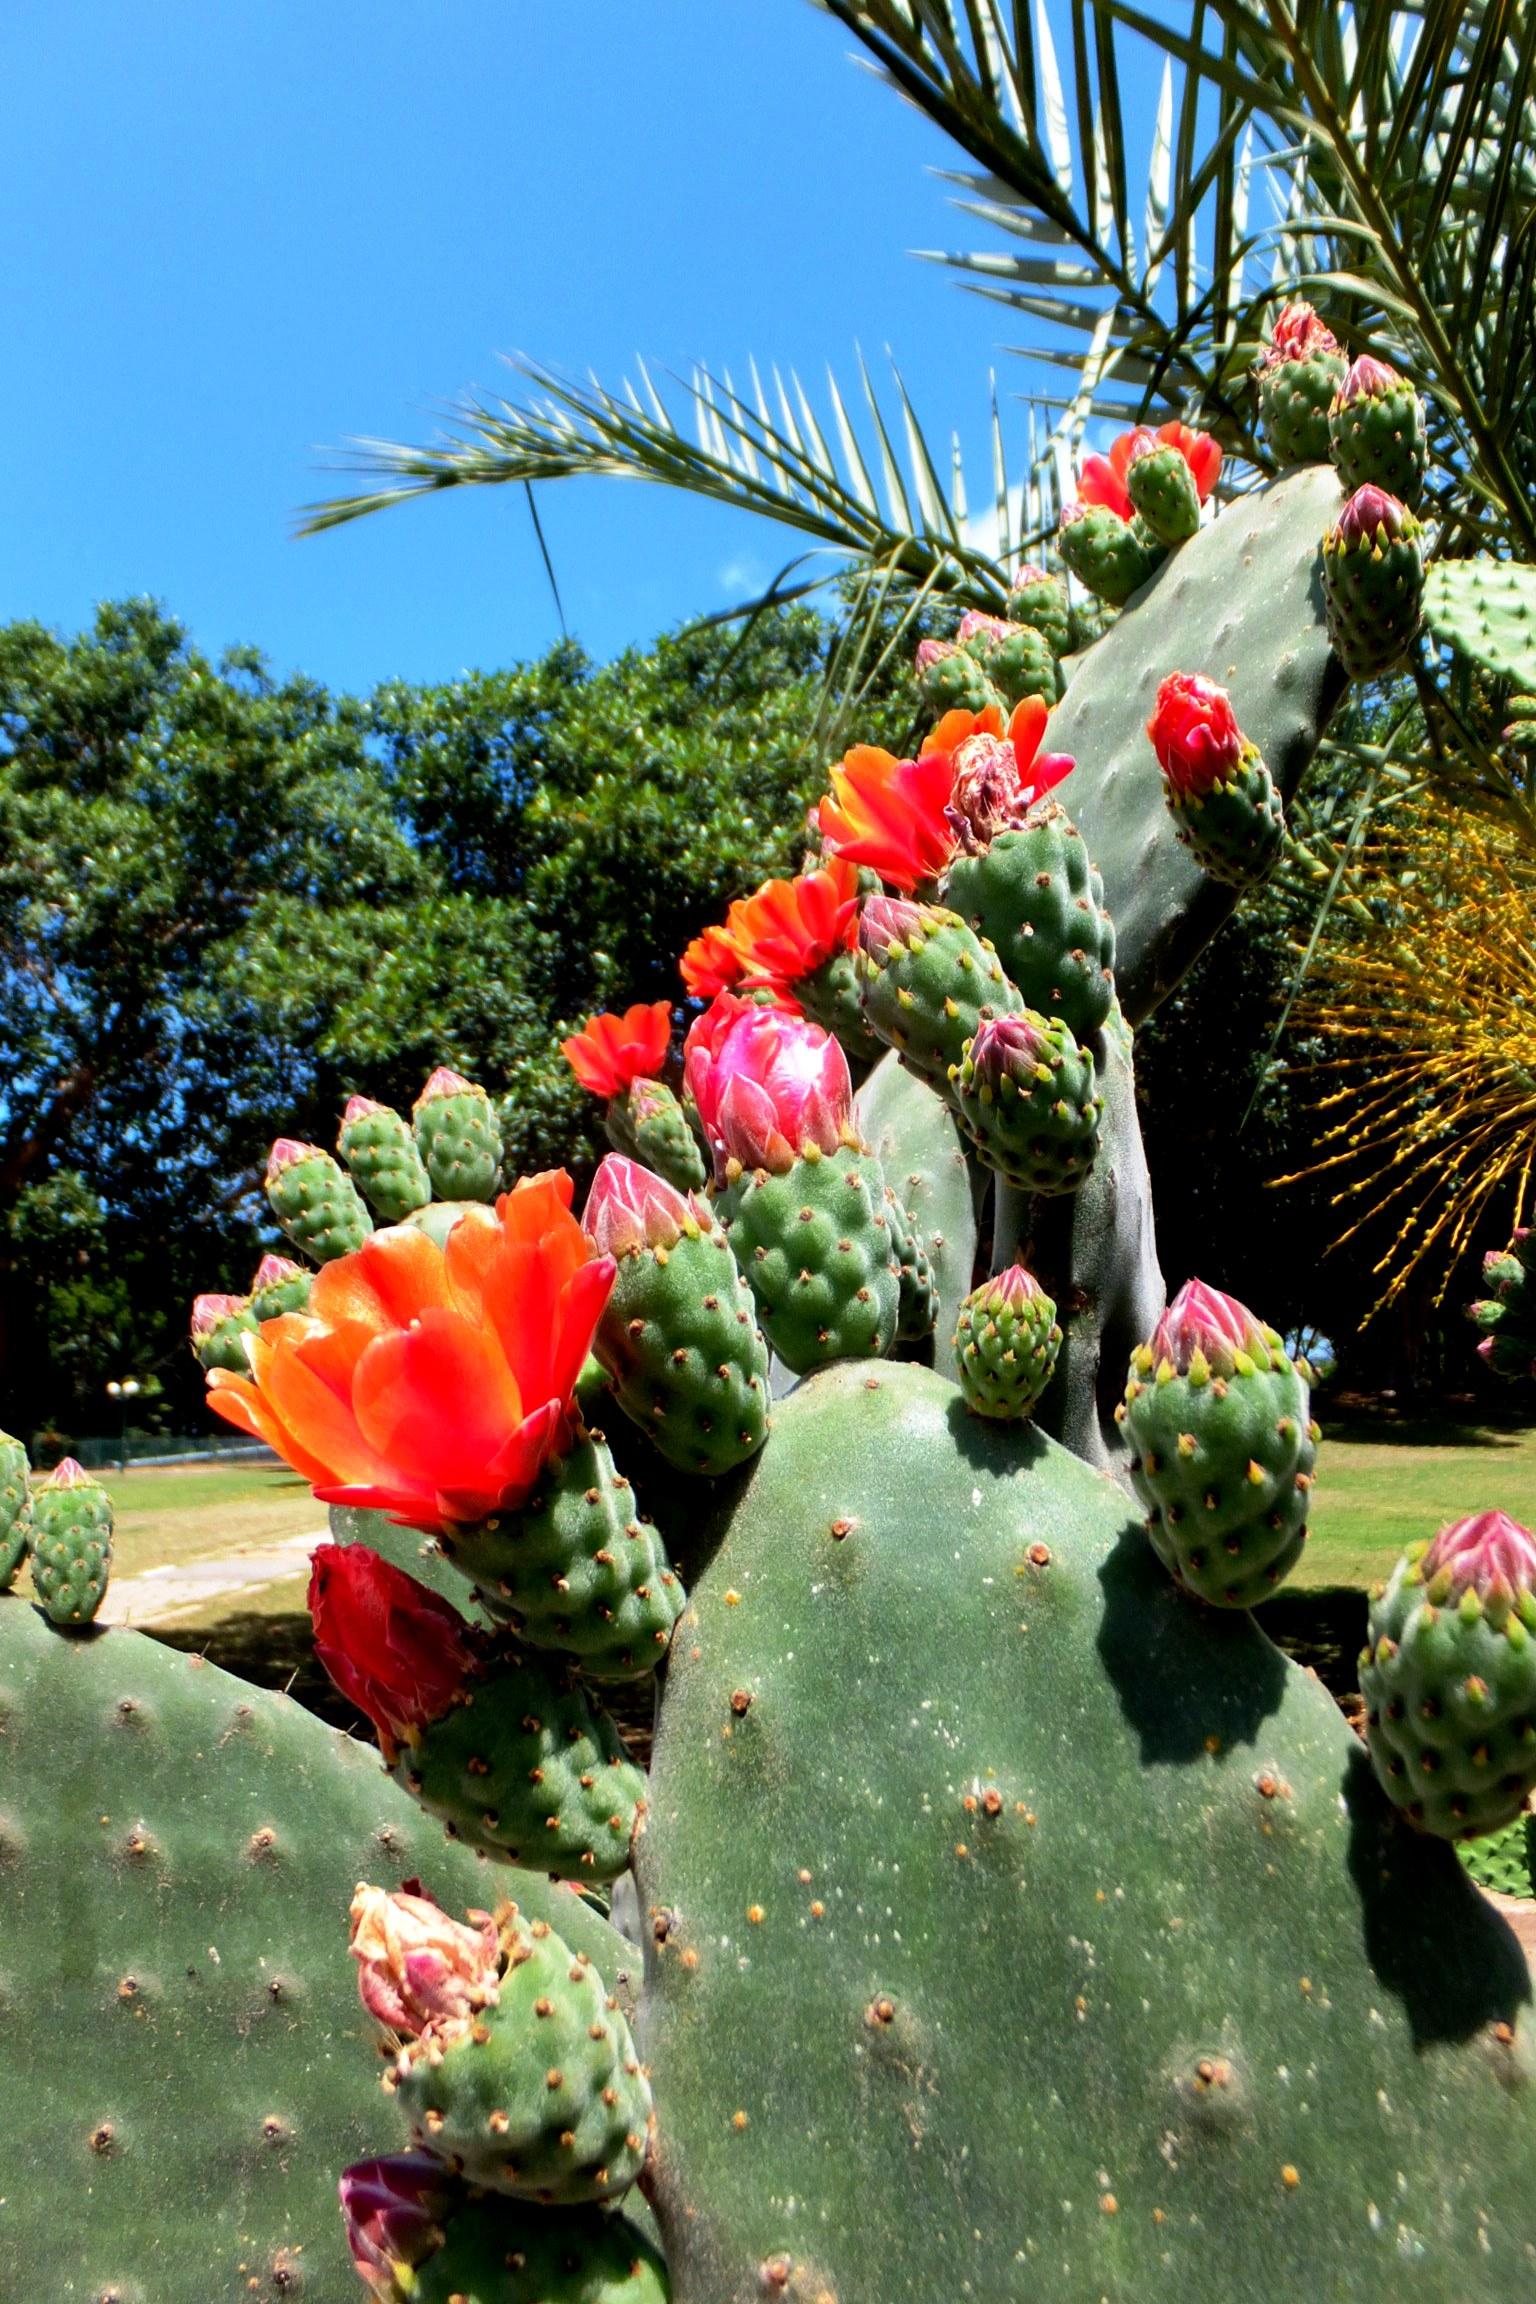 Цветущая опунция с завязью плодов. Фото: Леон Левитас